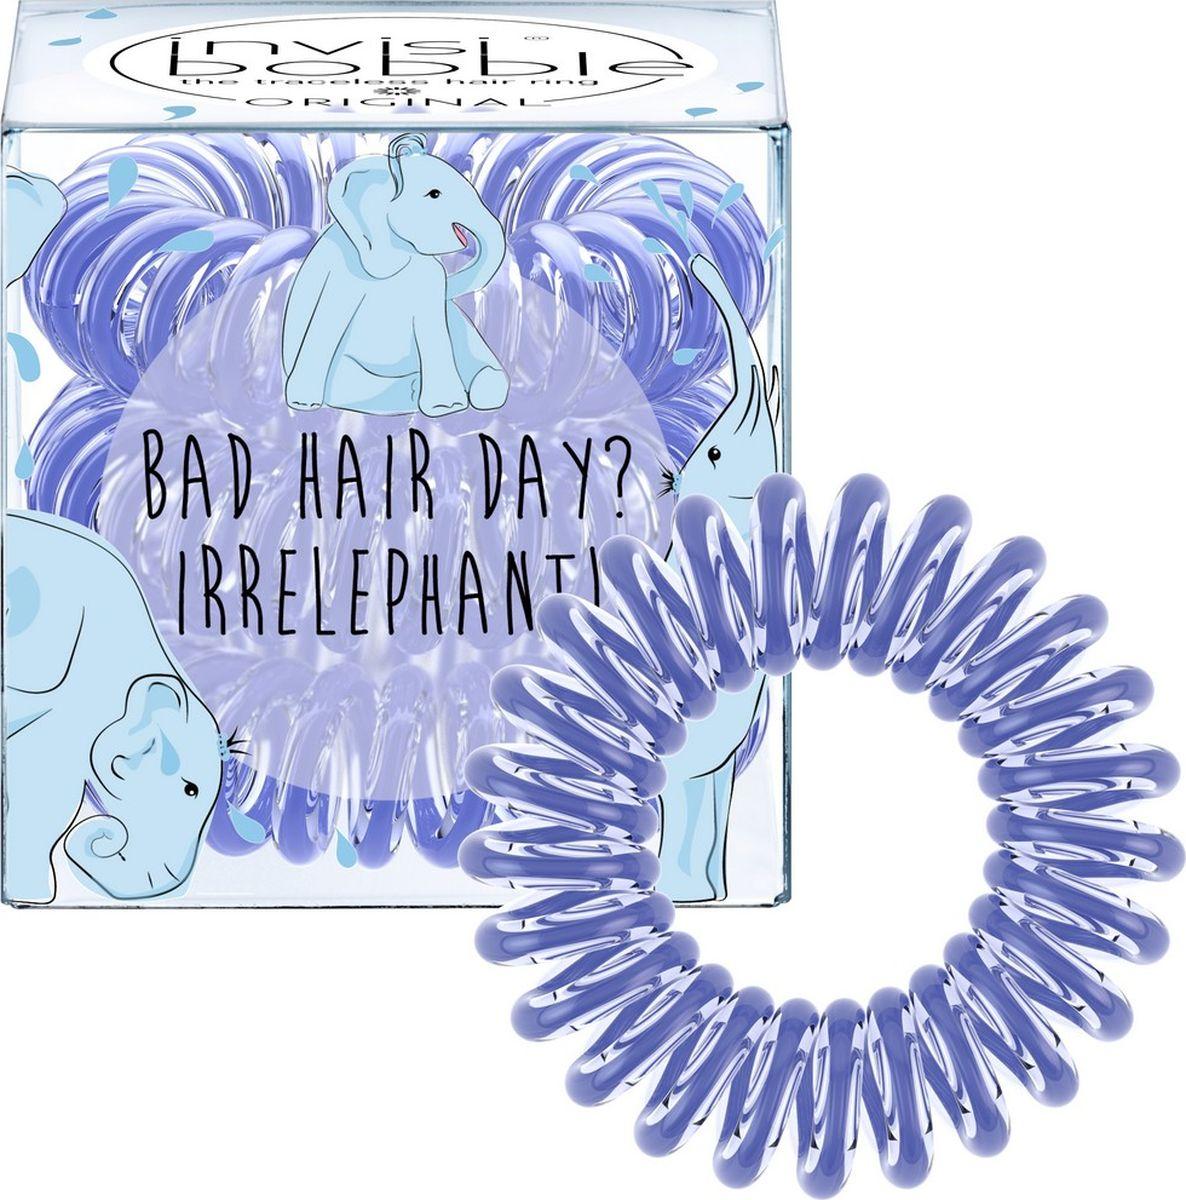 Invisibobble Резинка-браслет для волос ORIGINAL Bad Hair Day? Irrelephant!Серьги с подвескамиРезинки-браслеты invisibobble ORIGINAL Bad Hair Day? Irrelephant! василькового цвета из лимитированной тематической коллекции invisibobble Circus. Эксклюзивная упаковка с изображением Симпатяги-слона подарит яркое фестивальное настроение! Резинки invisibobble подходят для всех типов волос, надежно фиксируют прическу, не оставляют заломы и не вызывают головную боль благодаря неравномерному распределению давления на волосы. Кроме того, они не намокают и не вызывают аллергию при контакте с кожей, поскольку изготовлены из искусственной смолы.